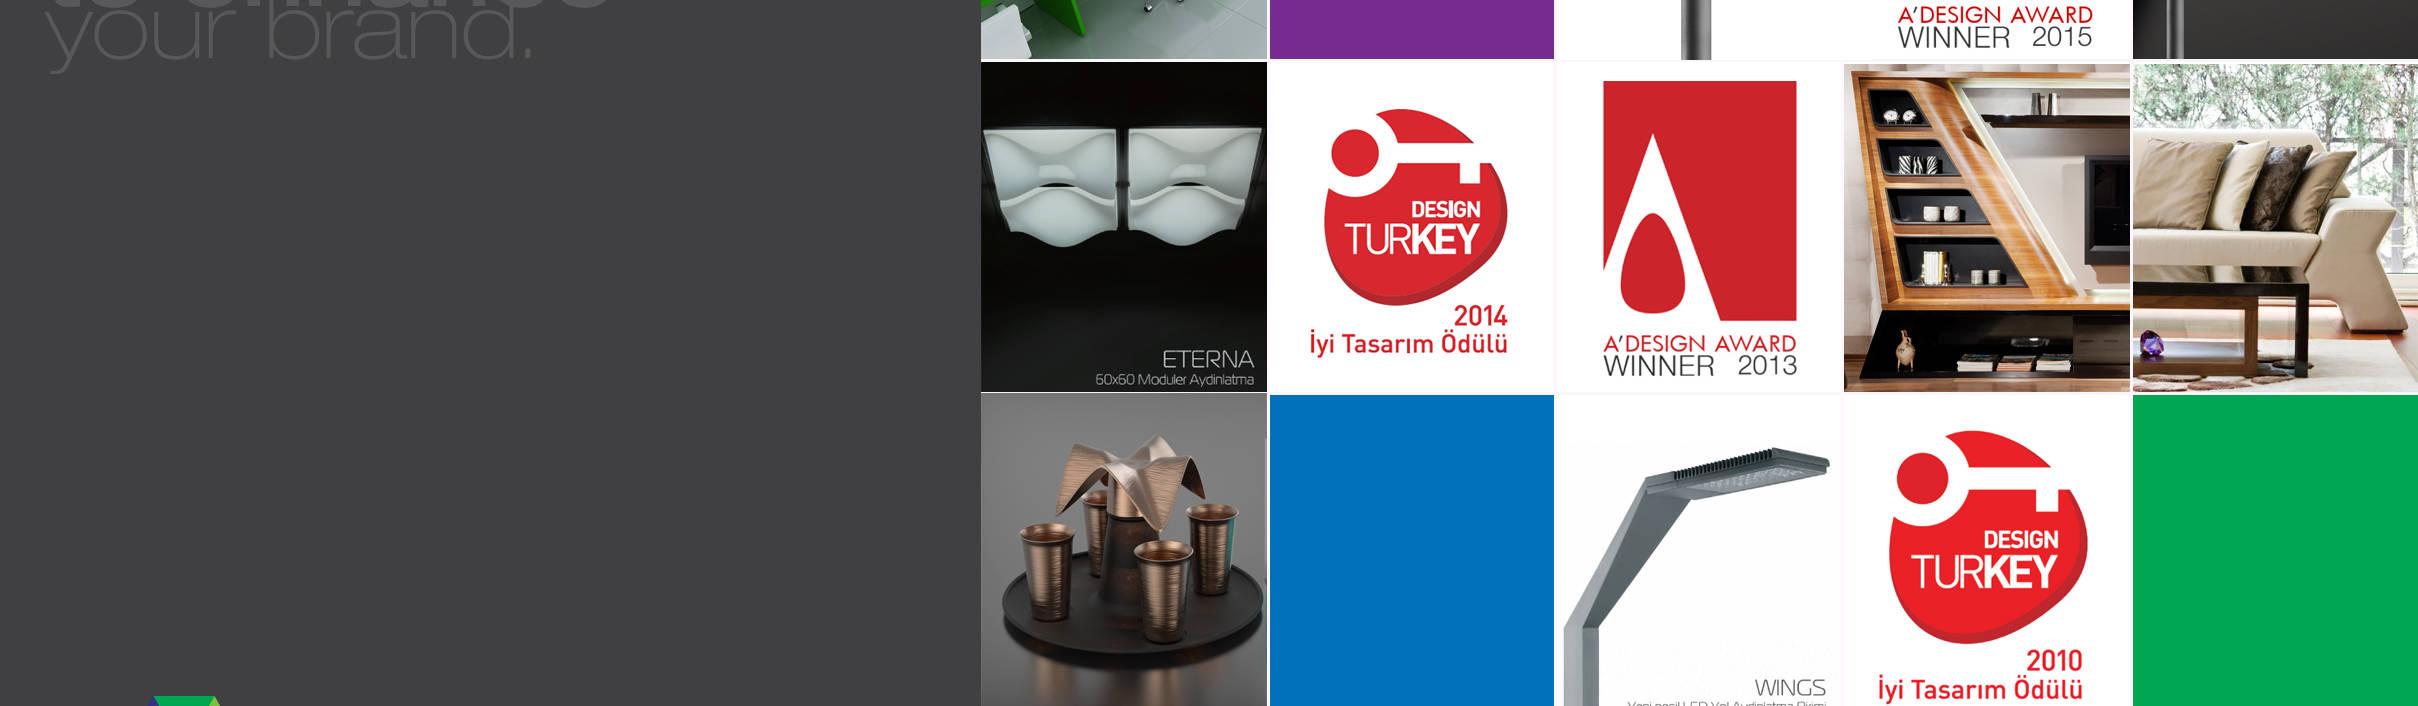 Altera Design Studio